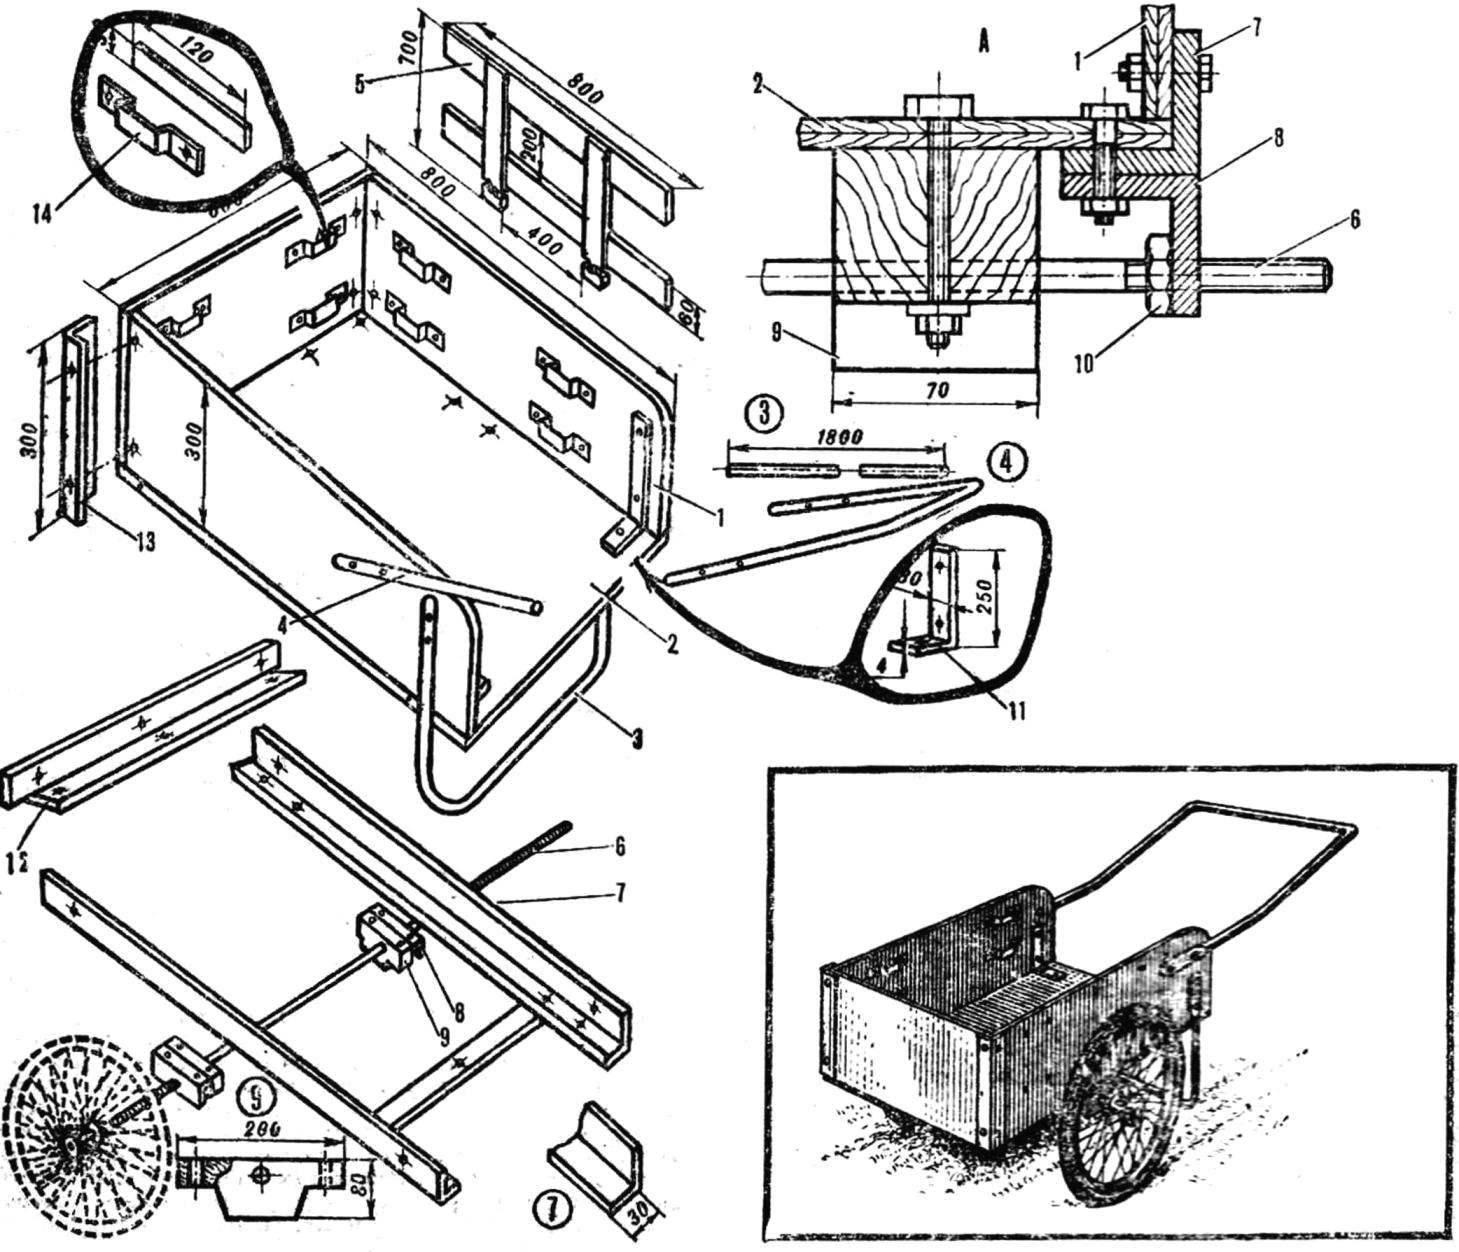 Fig. 1. Garden cart